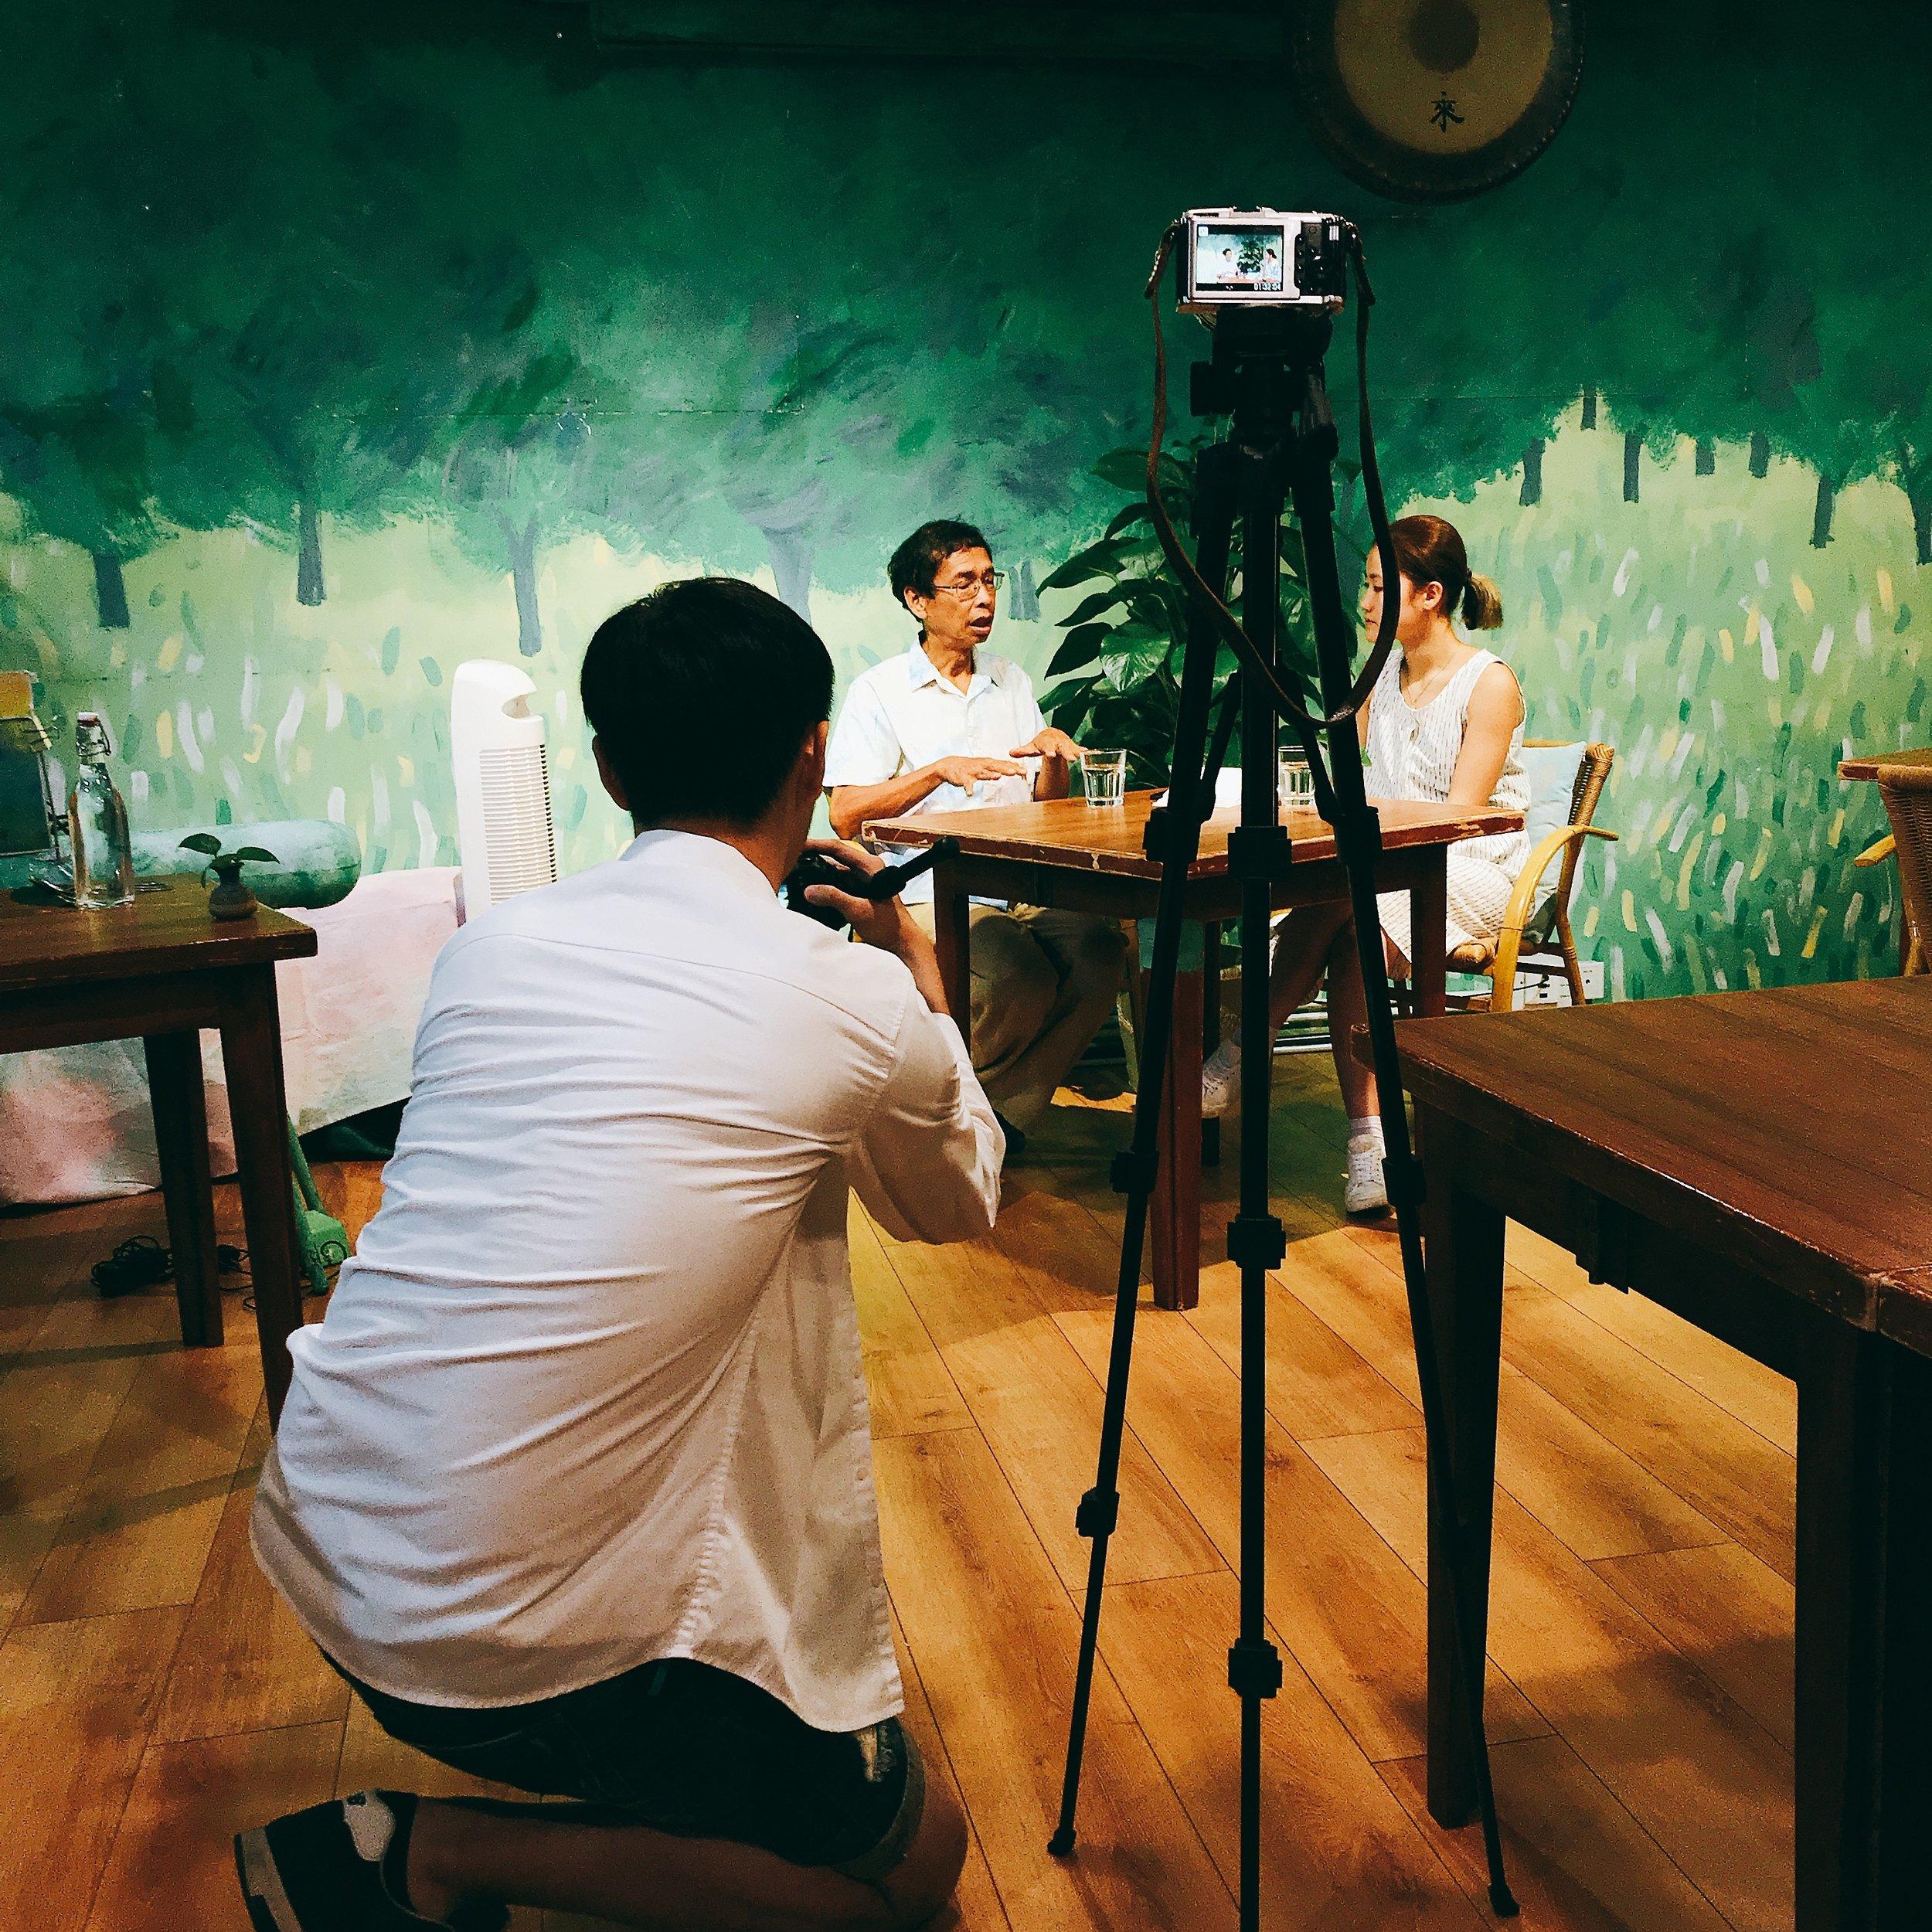 2017年9月的食生訪問 - 於2017年的9月,Sense Studio團隊非常感恩能夠訪問香港的「食生」推廣元祖-綠野林,從周兆祥博士和Janet身上認識了很多和食生有關的基本知識,在此亦希望和大家分享食生101。